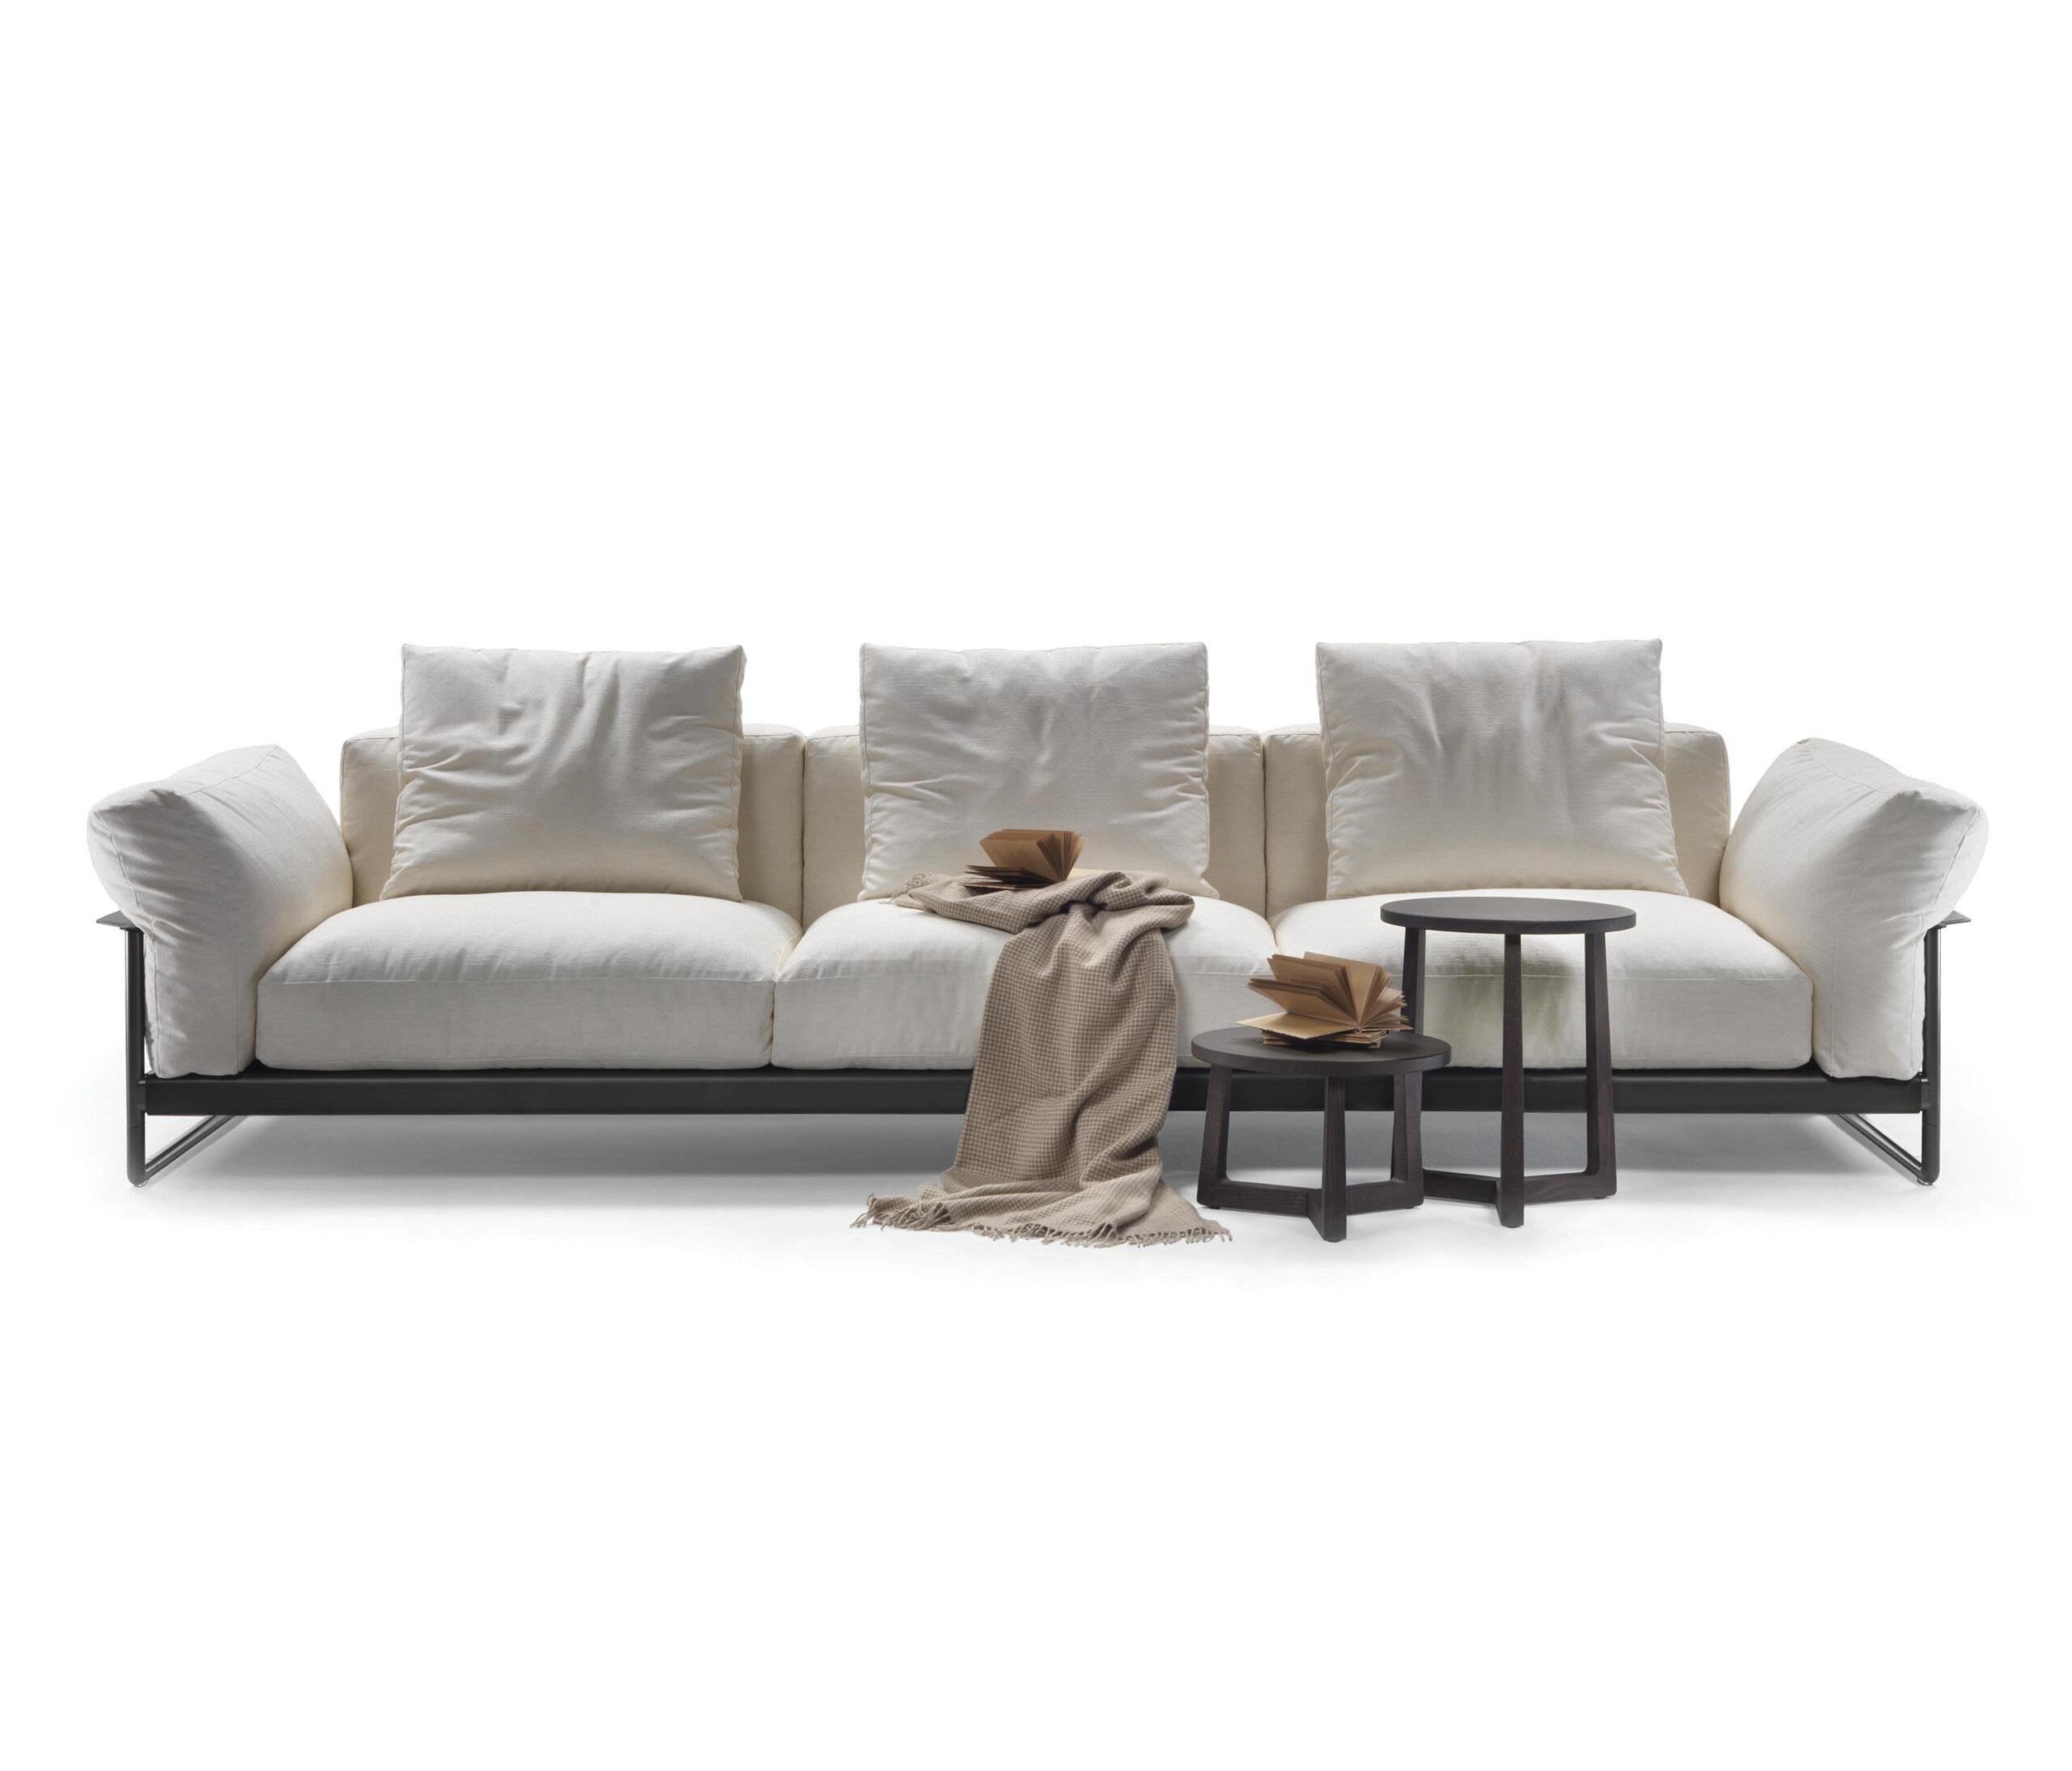 Full Size of Flexform Sofa Twins Bed Lifesteel Ebay Furniture Mit Holzfüßen 3 Sitzer Verkaufen Angebote Groß Stoff Grau Garnitur 2 Teilig Polyrattan Günstige U Form Sofa Flexform Sofa